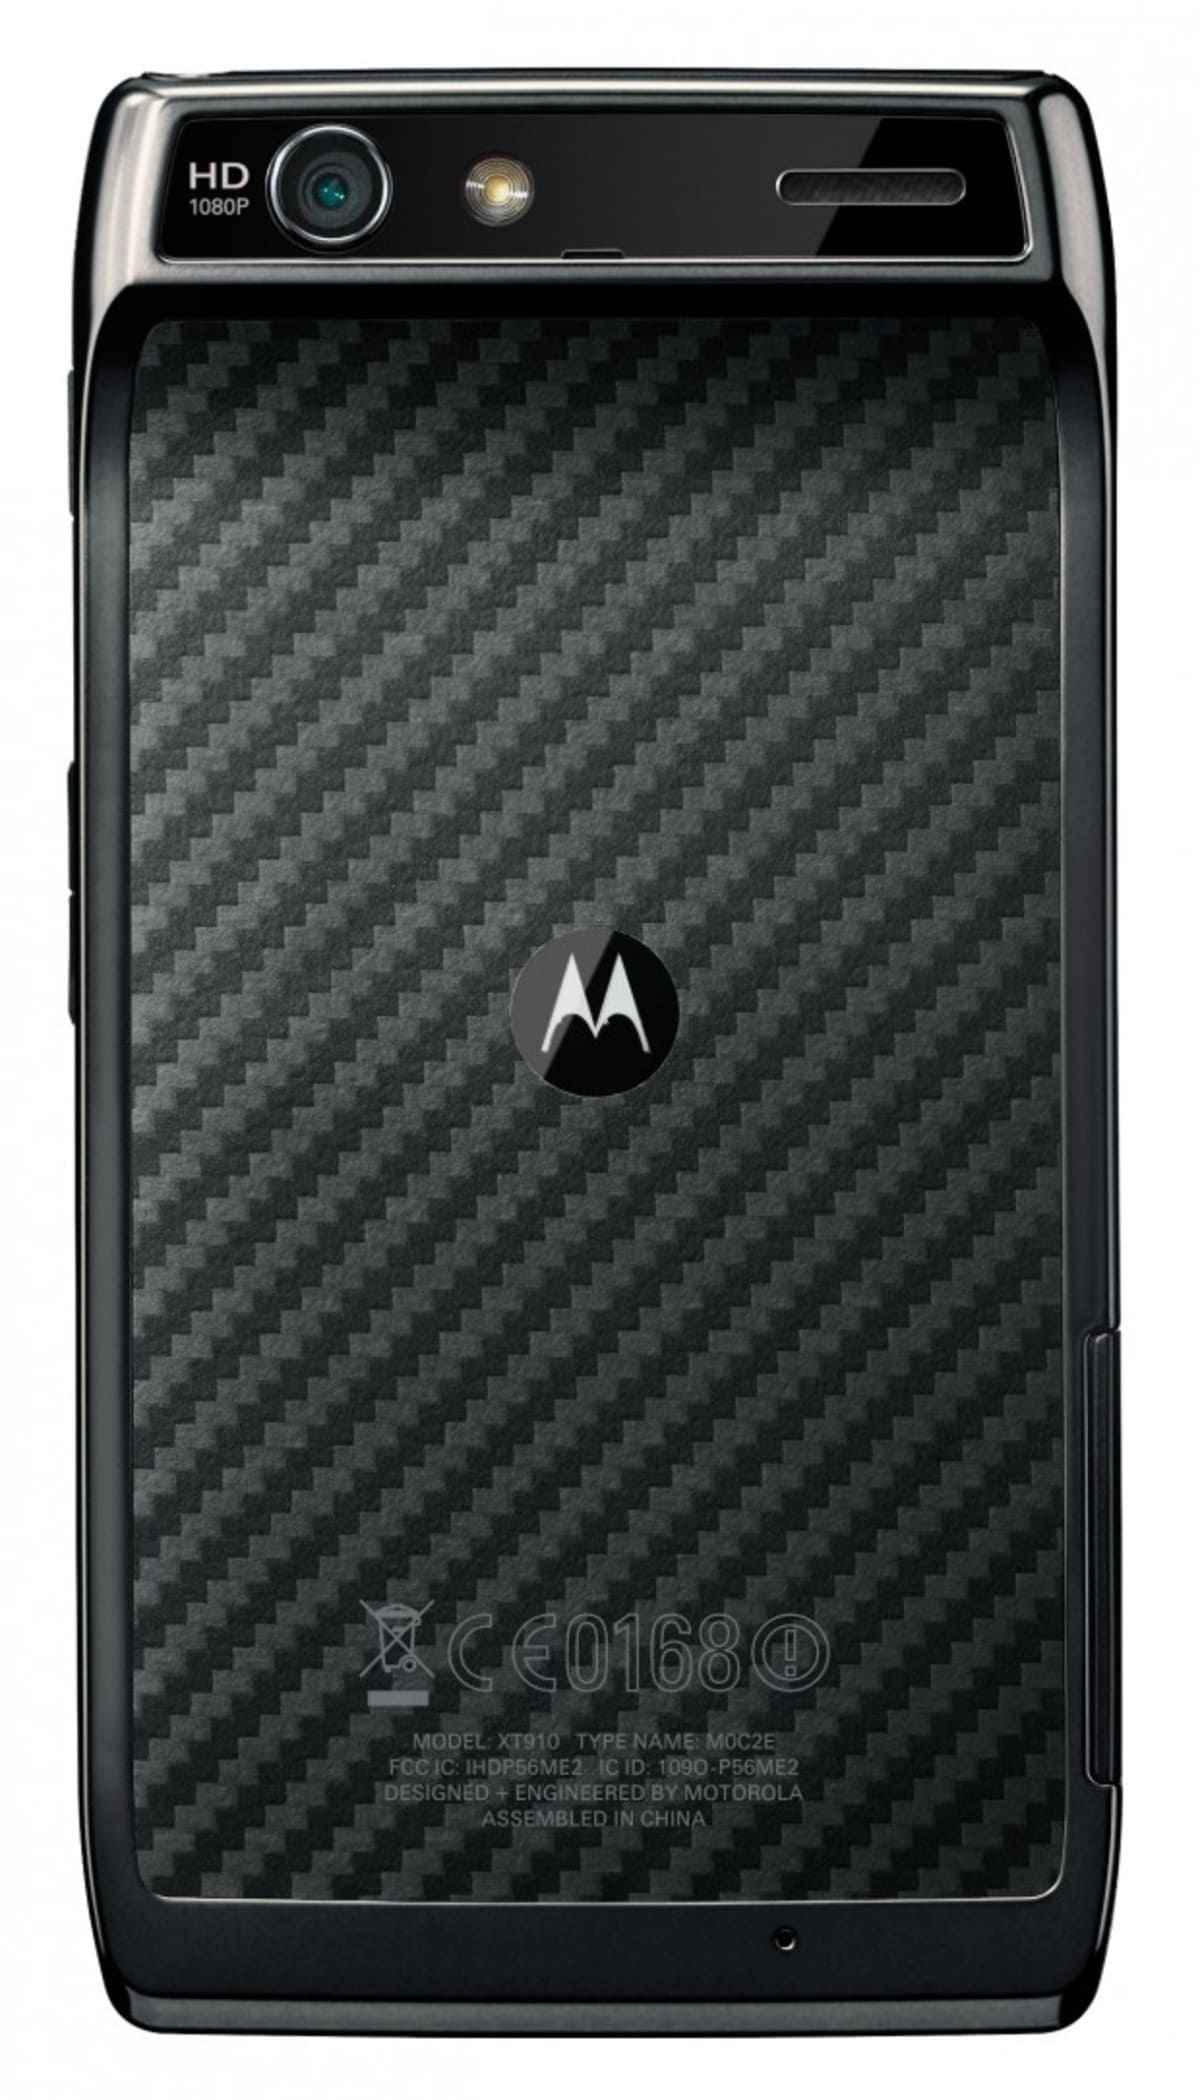 Motorola RAZR 2 e1318960814238 Motorola RAZR llega a España por 599 euros